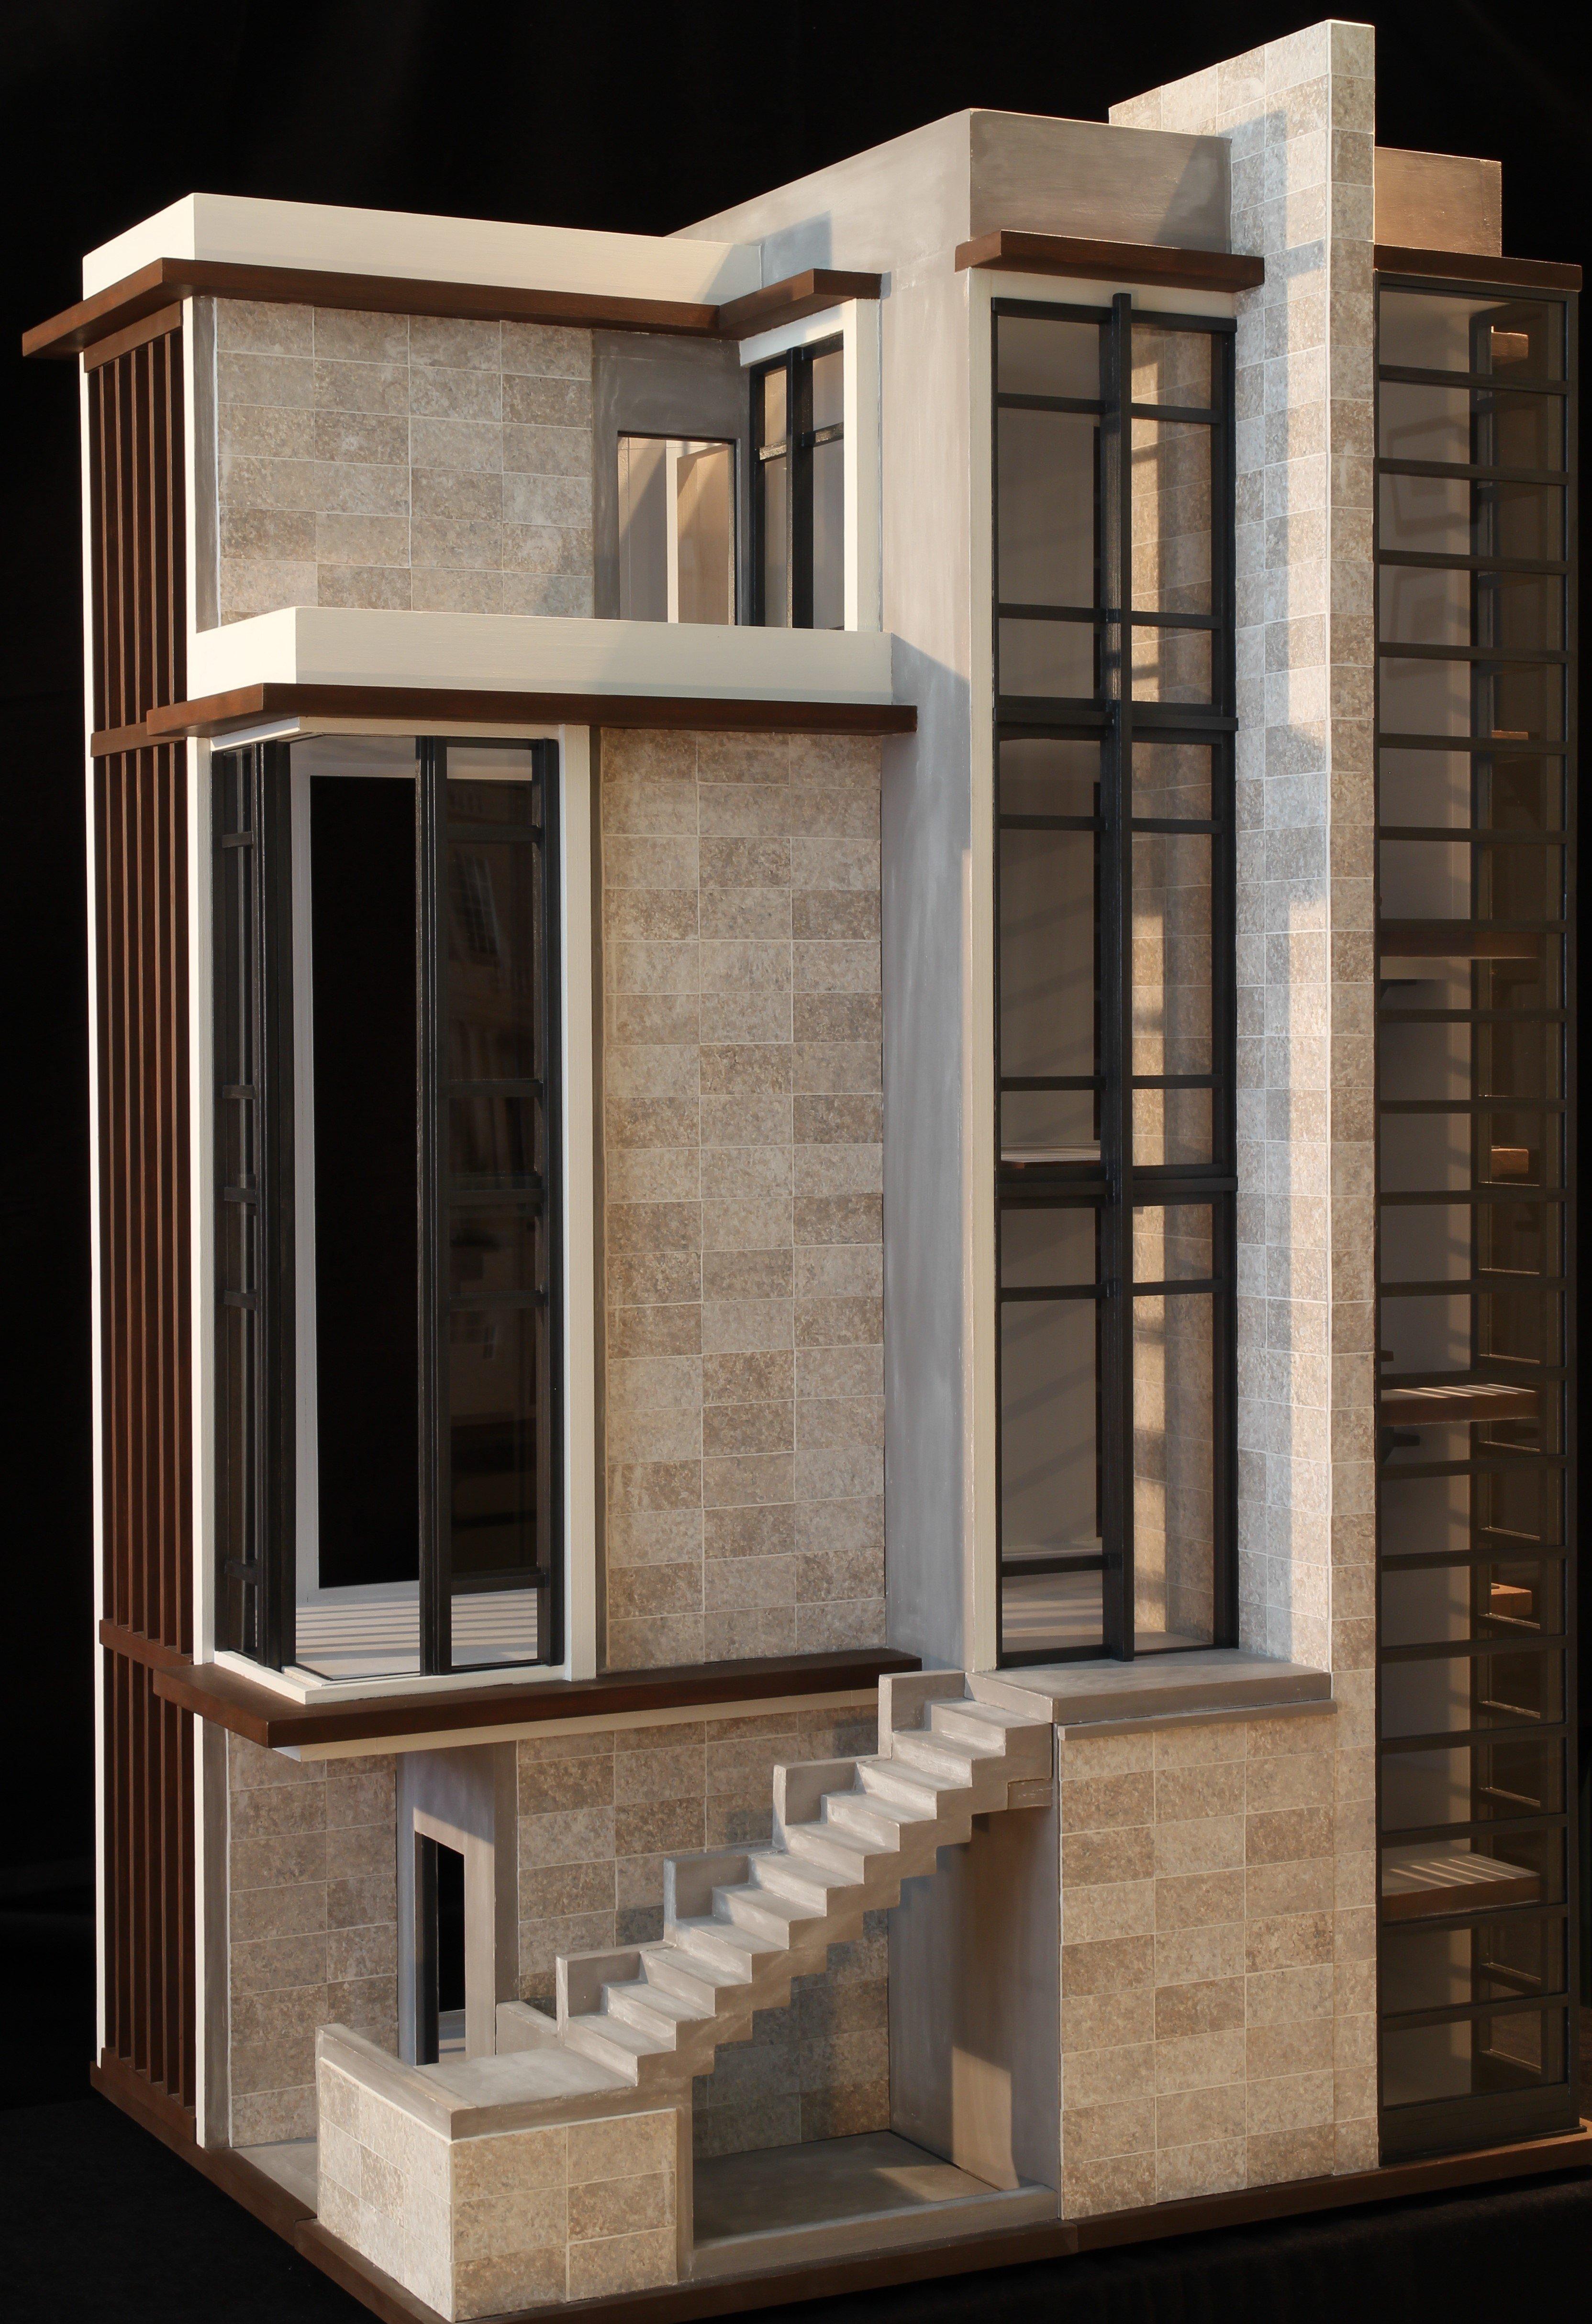 Opening Window Walls in Living Room